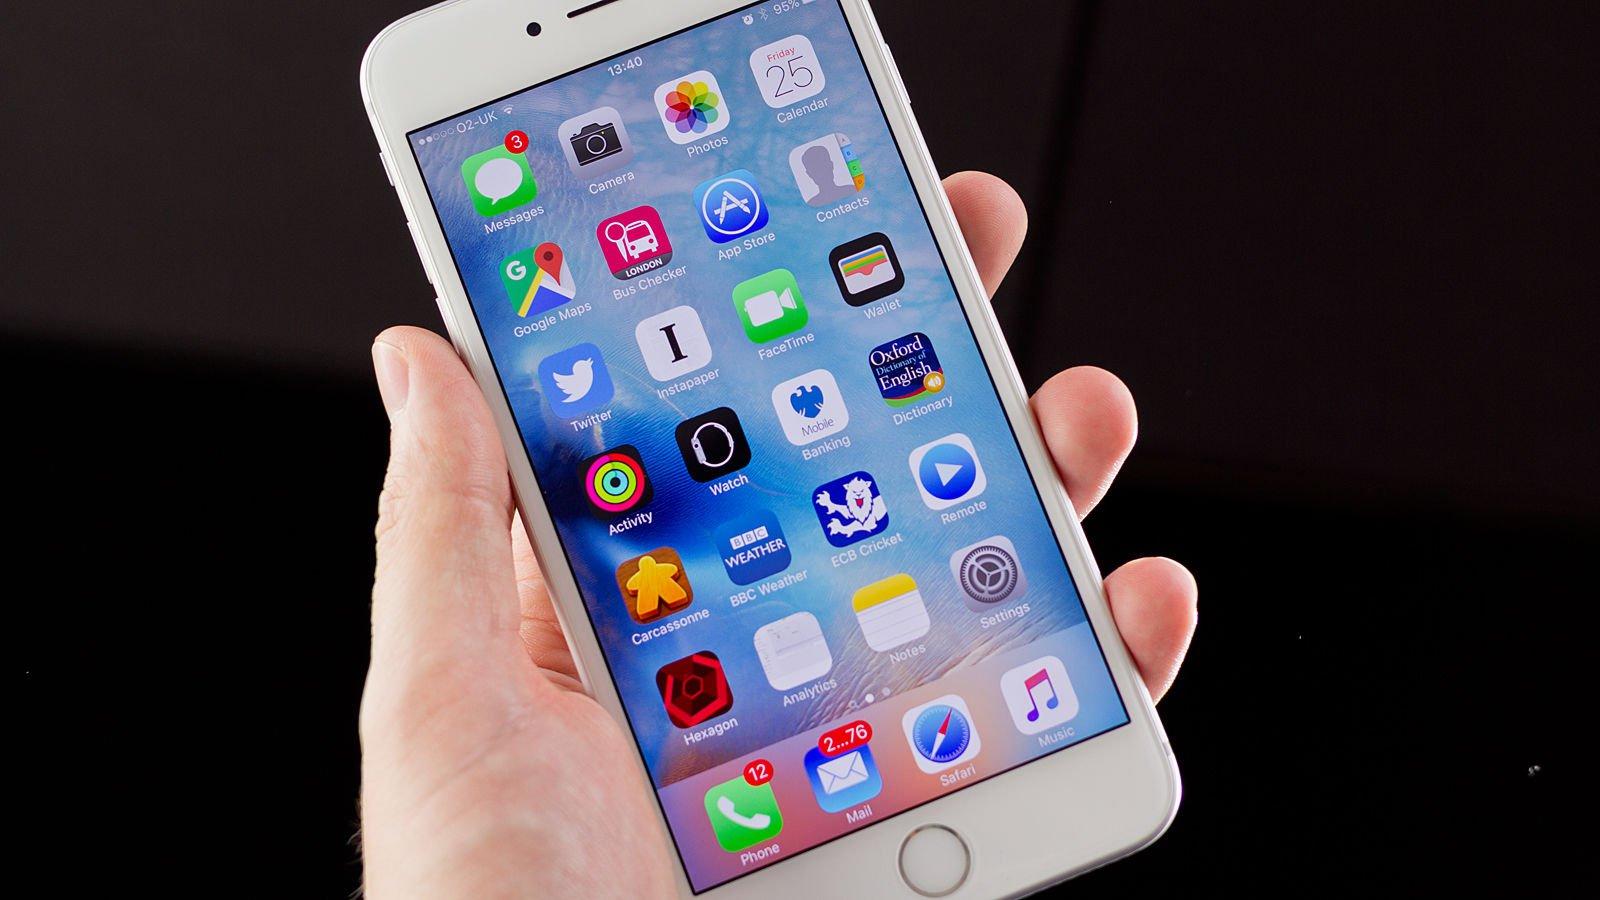 2015 թվականին Apple ընկերությունն օգտագործված սարքերի վերամշակման ընթացքում  ստացվել է  մոտ մեկ տոննա ոսկի